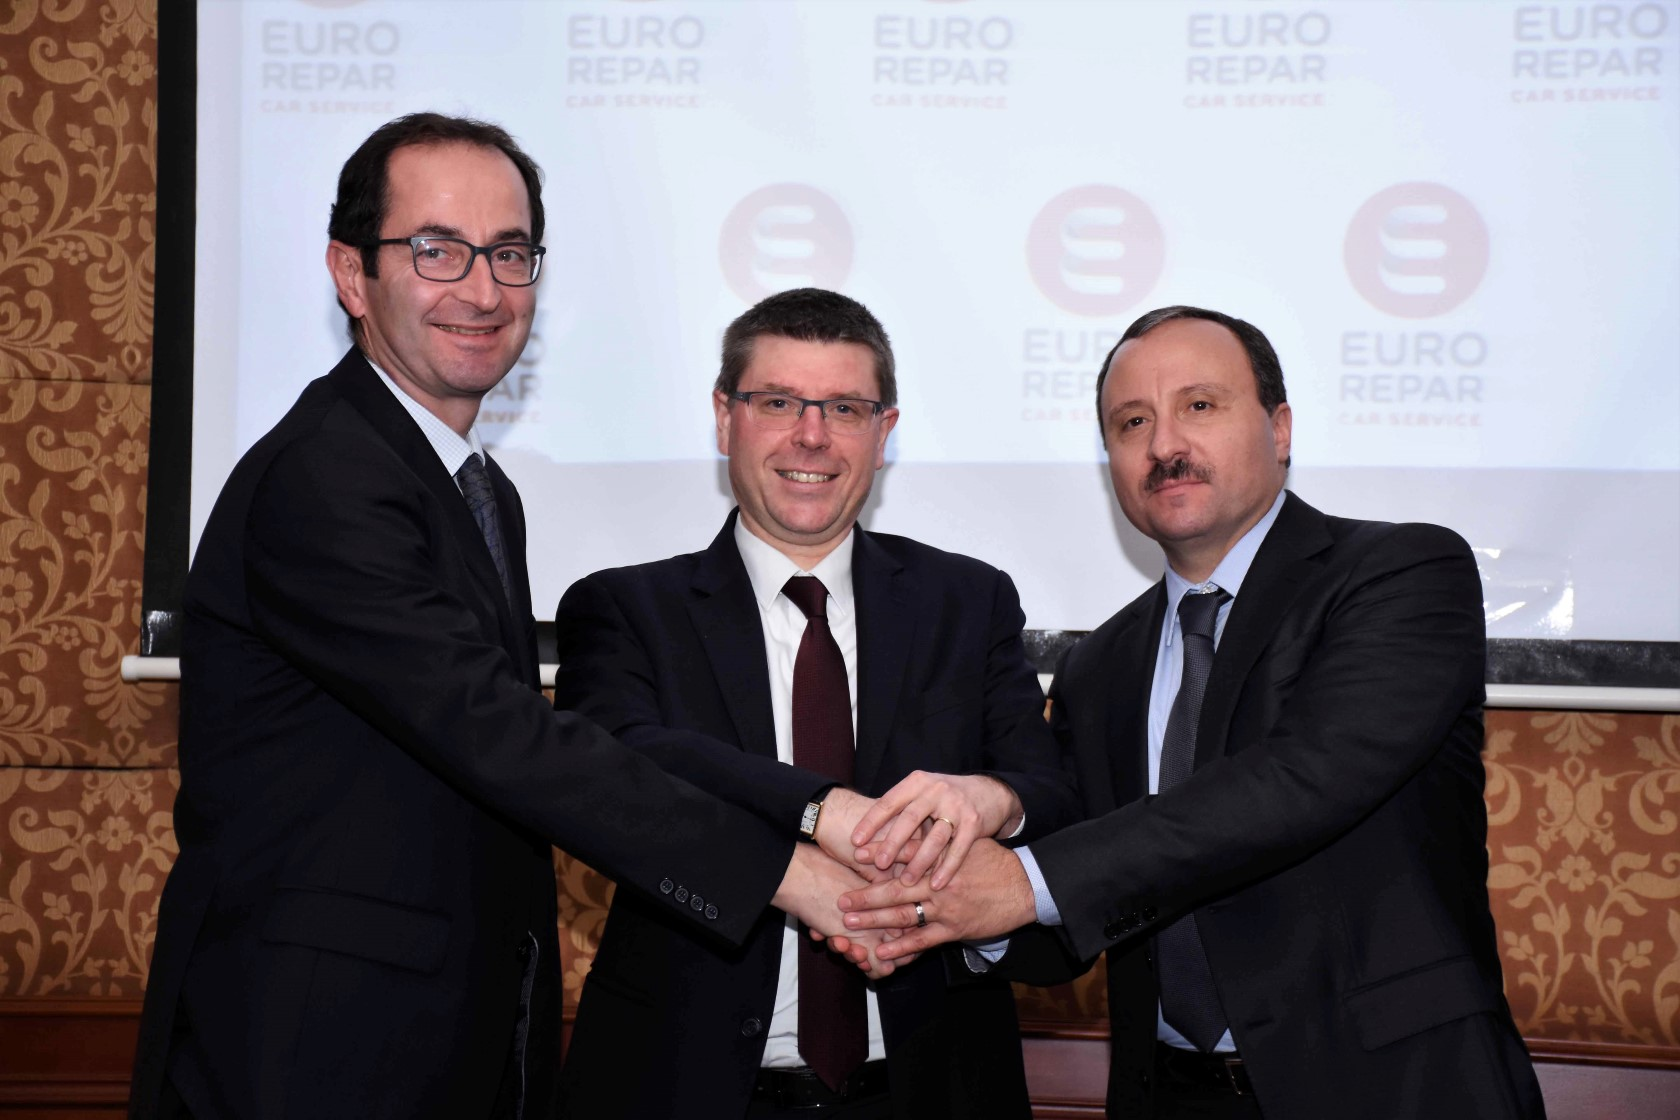 Euro Repar Car Service s'implante en Tunisie